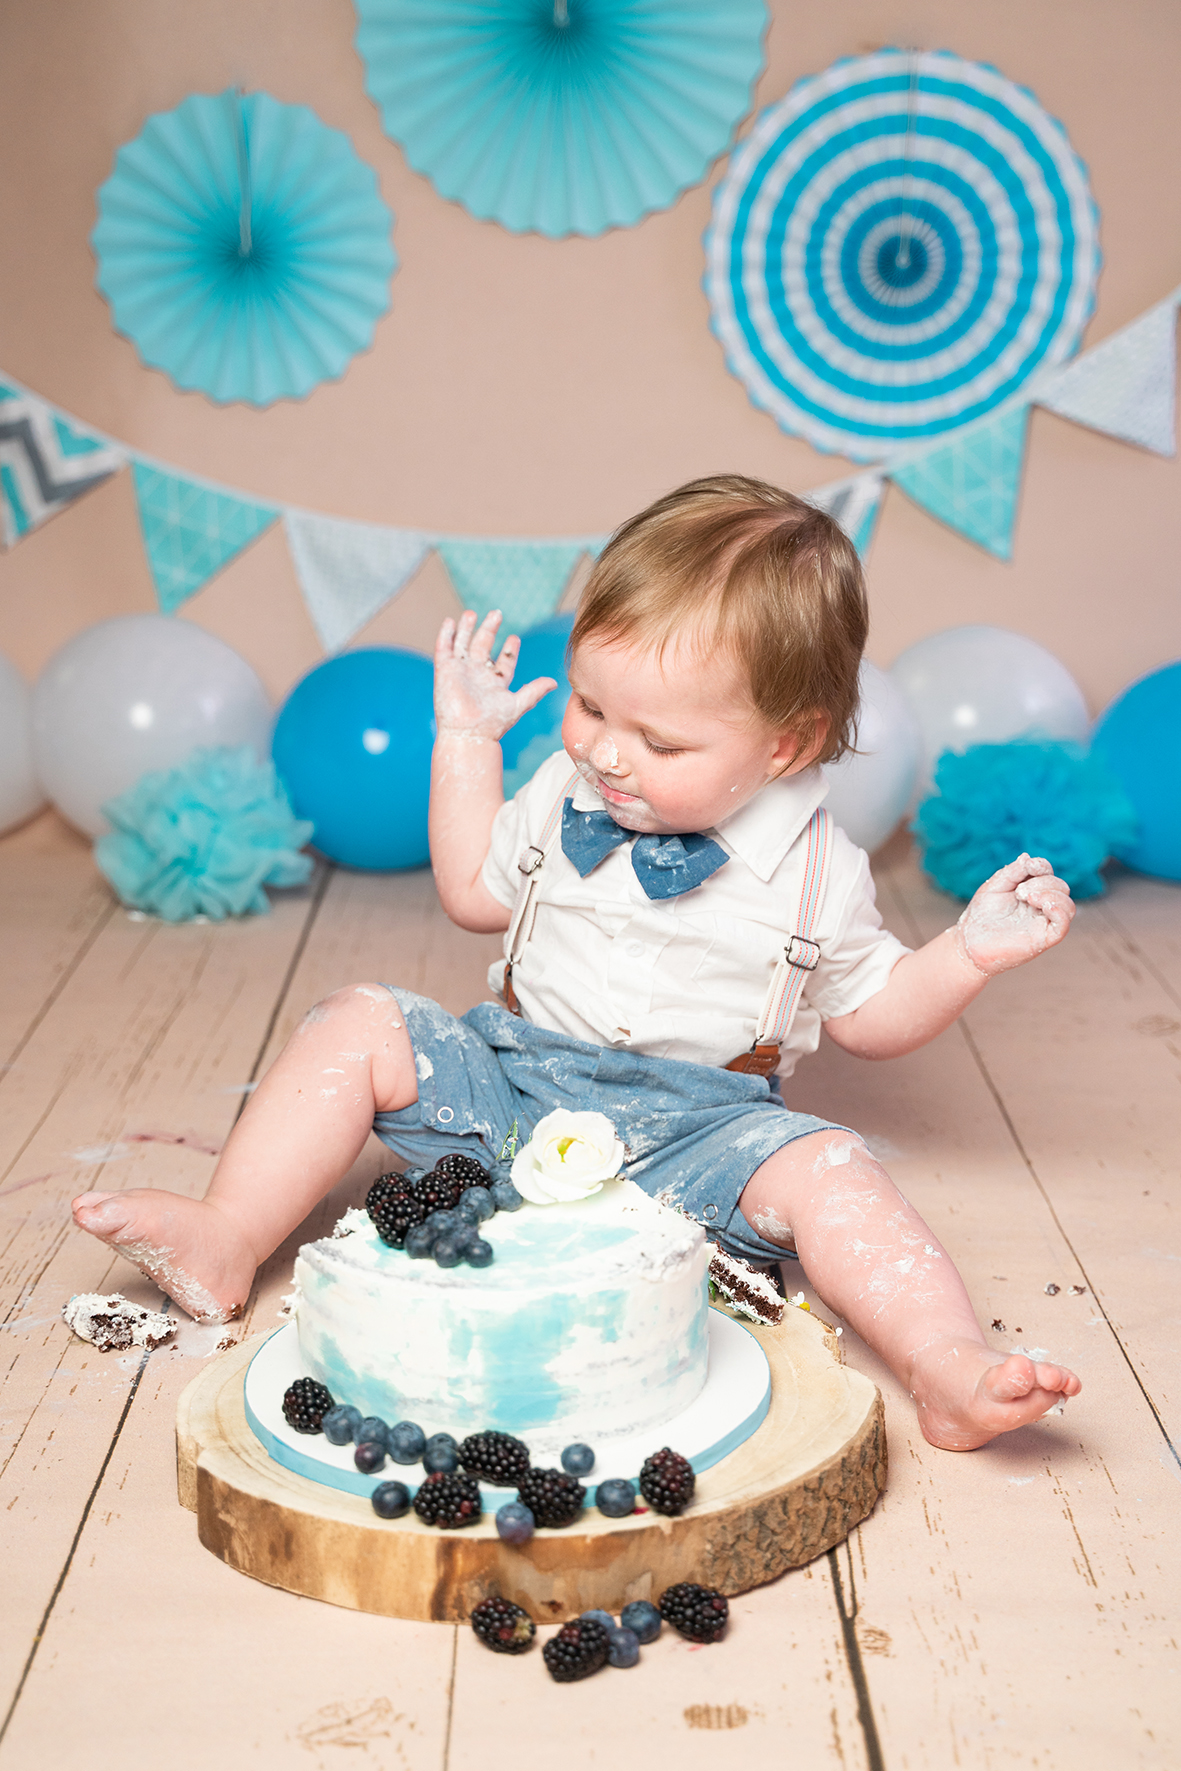 Babyfotograf Bremen mit Fotostudio Shooting zum ersten Geburtstag